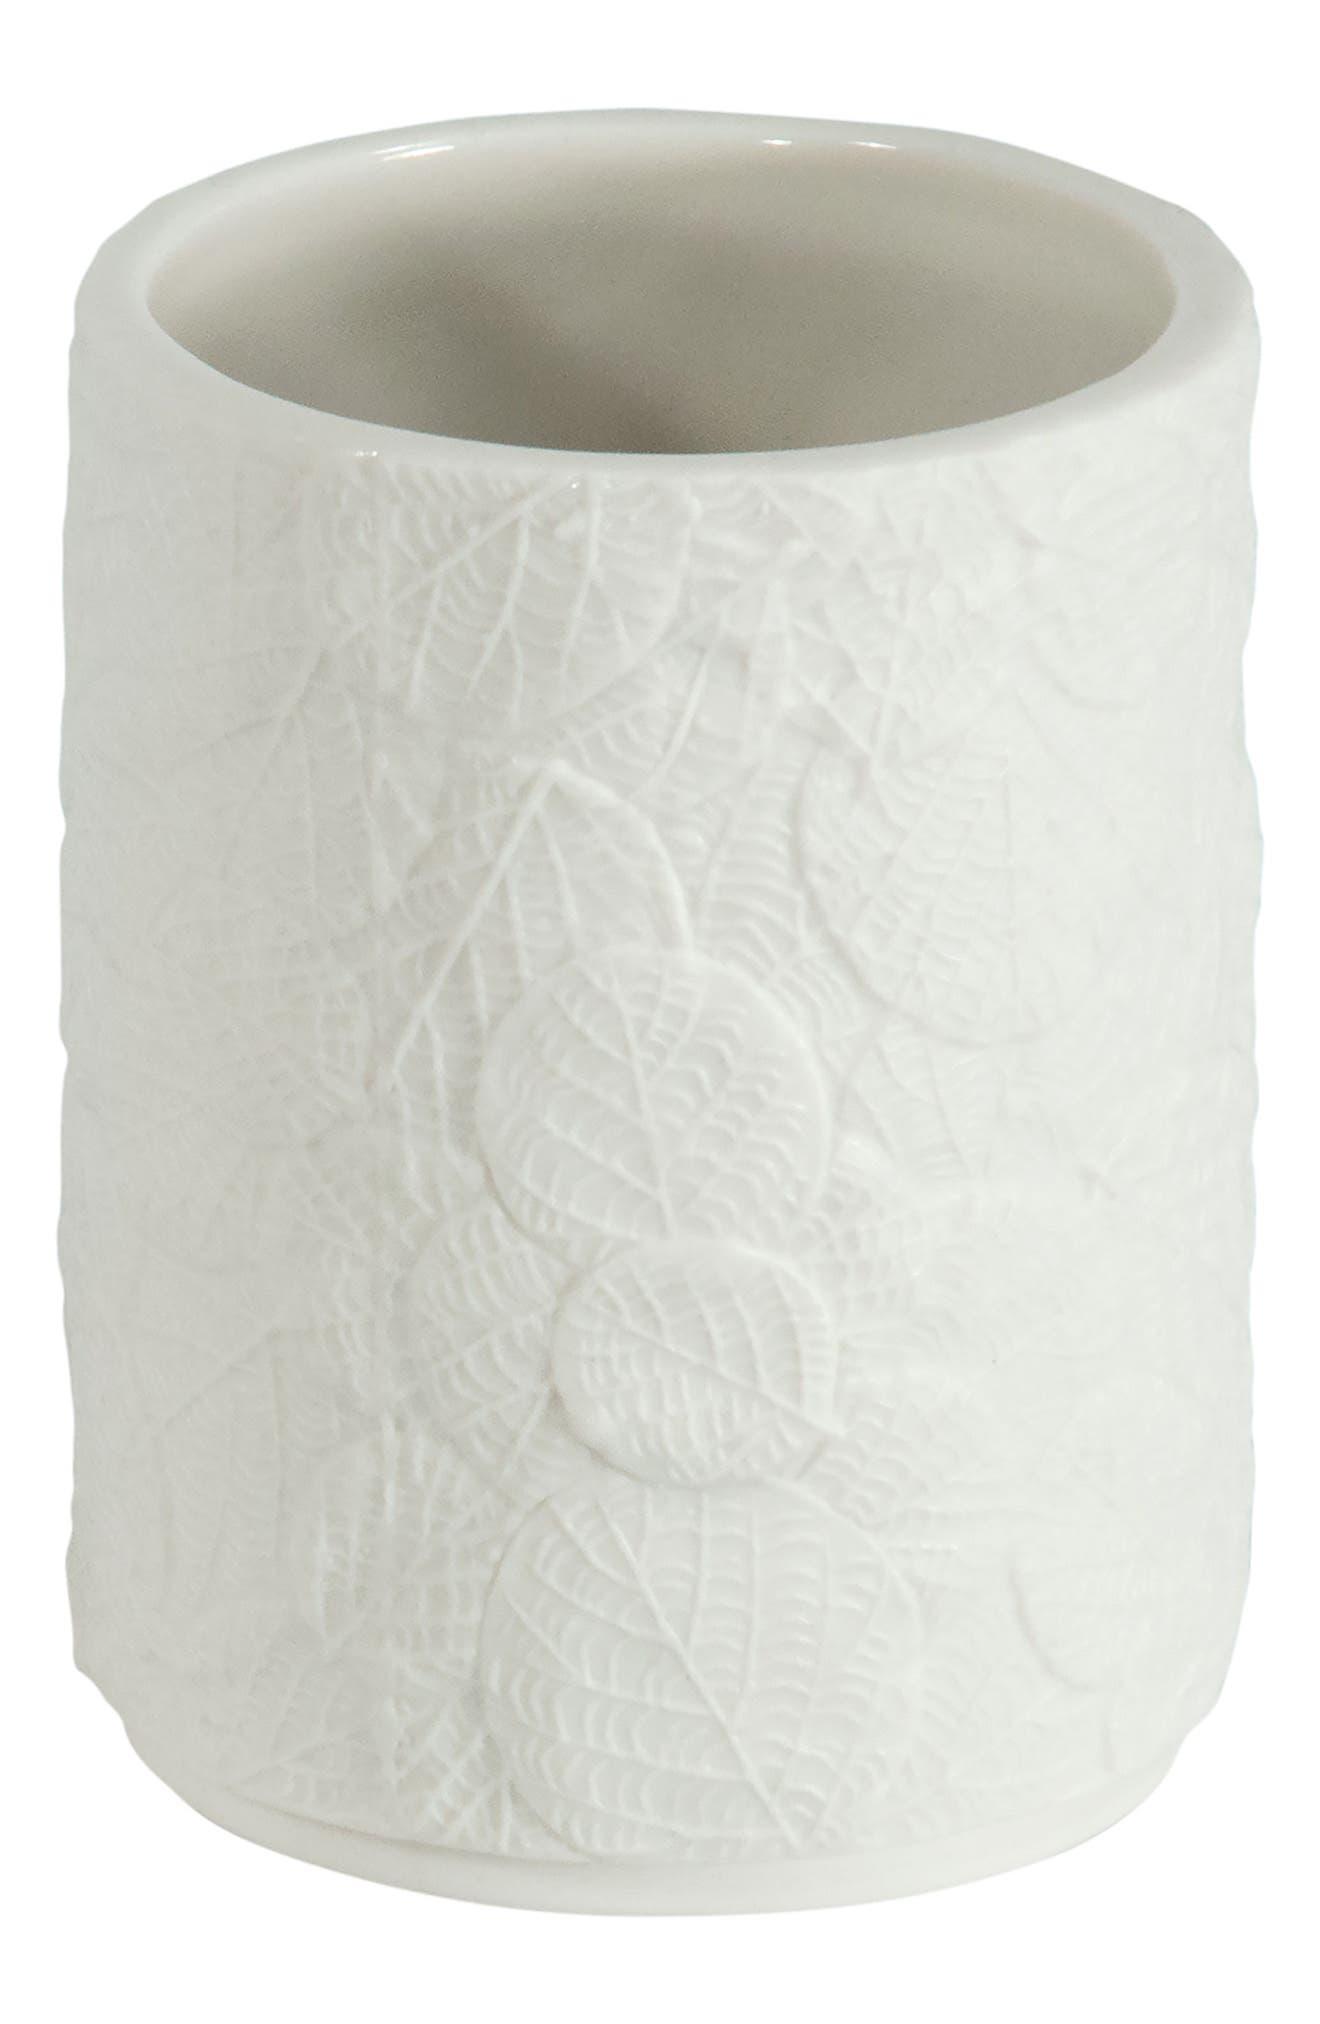 Botanical Leaf Porcelain Tumbler,                         Main,                         color, White